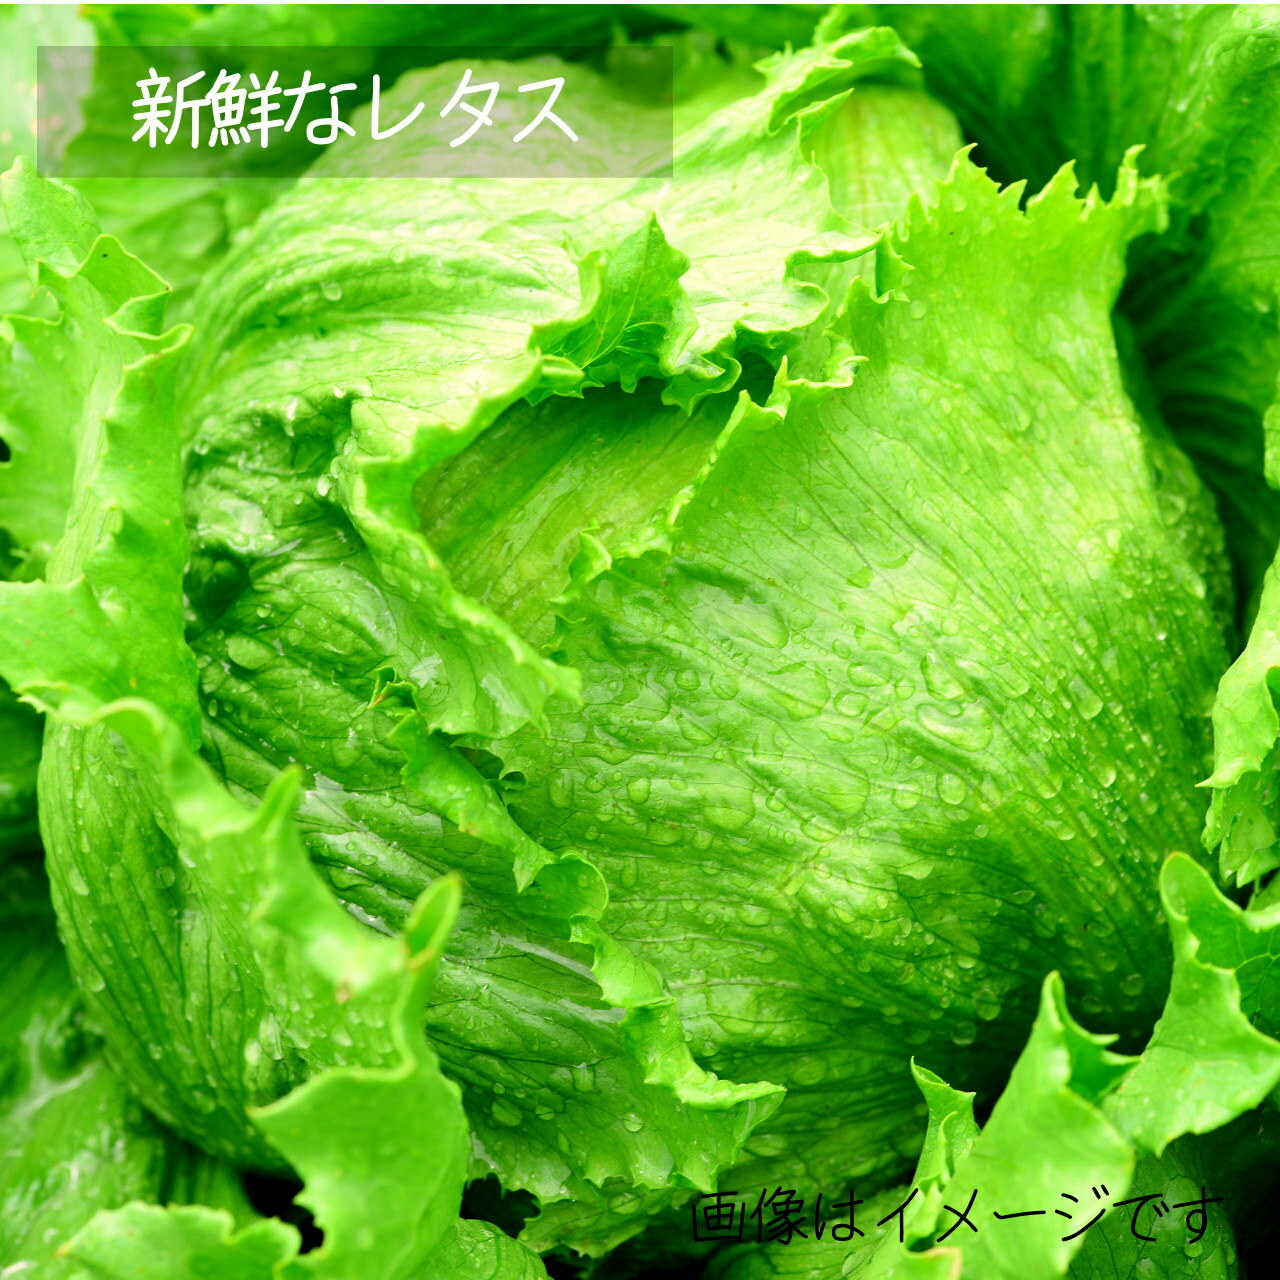 6月の新鮮野菜 :レタス 1個 : 朝採り直売野菜 6月26日発送予定